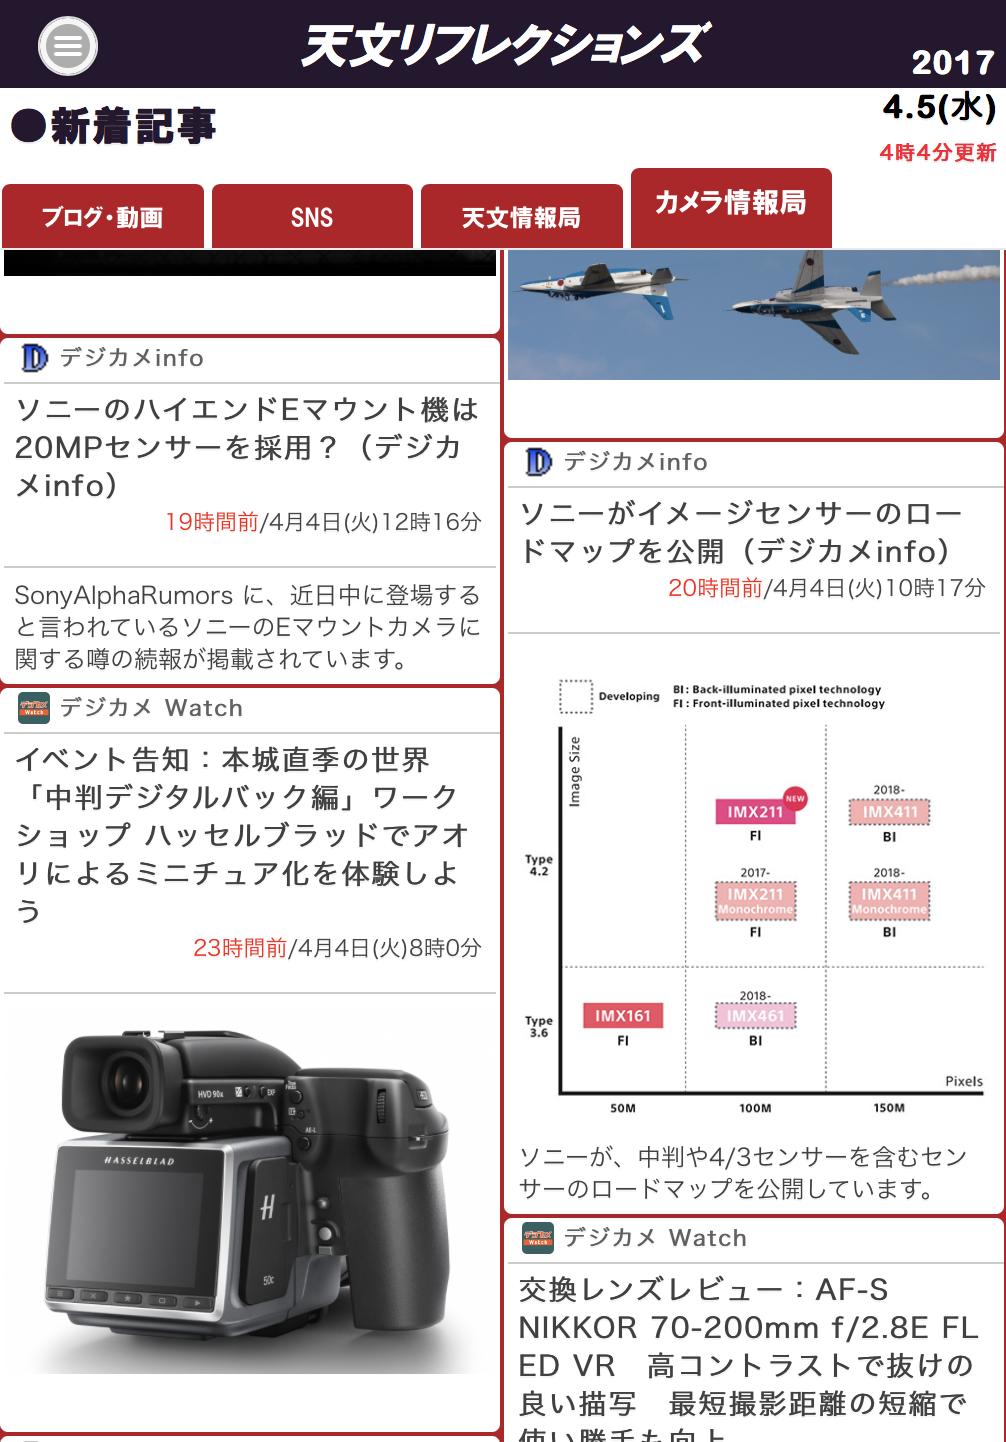 SONYの中判イメージセンサーロードマップ | 天リフOriginal